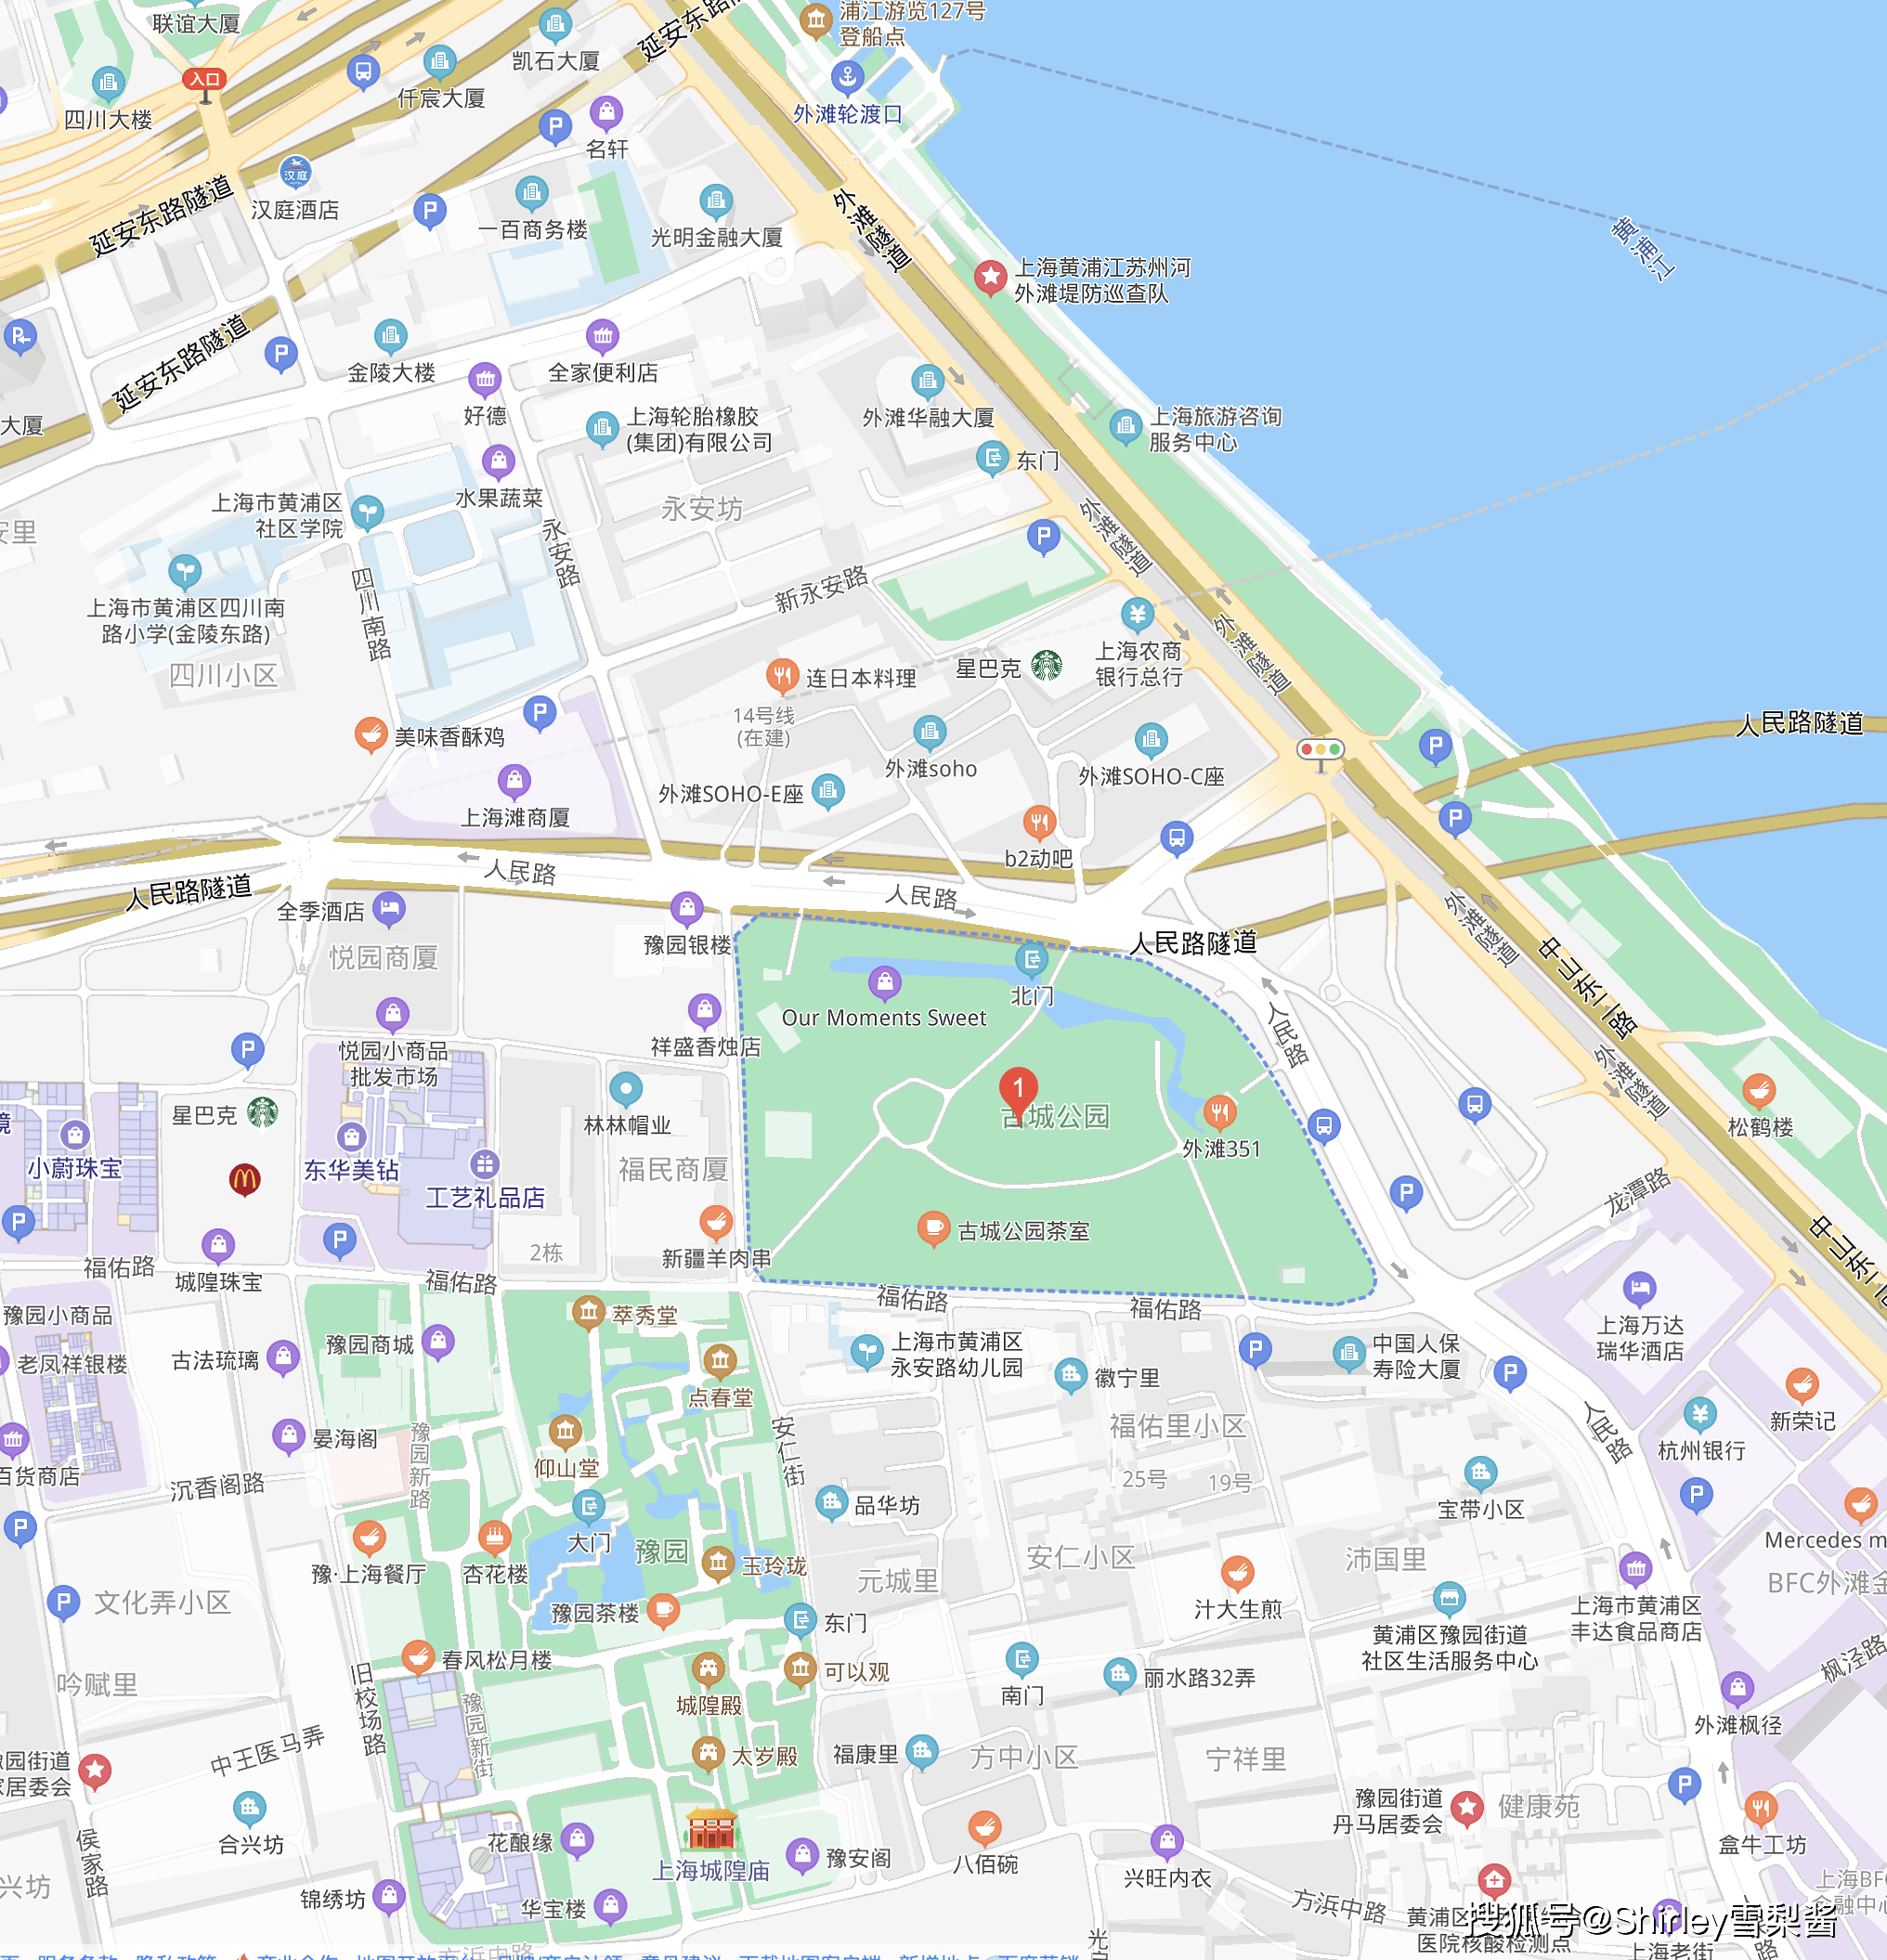 拆迁4123户,上海在市中心建了座免费公园,连接外滩城隍庙两大景区